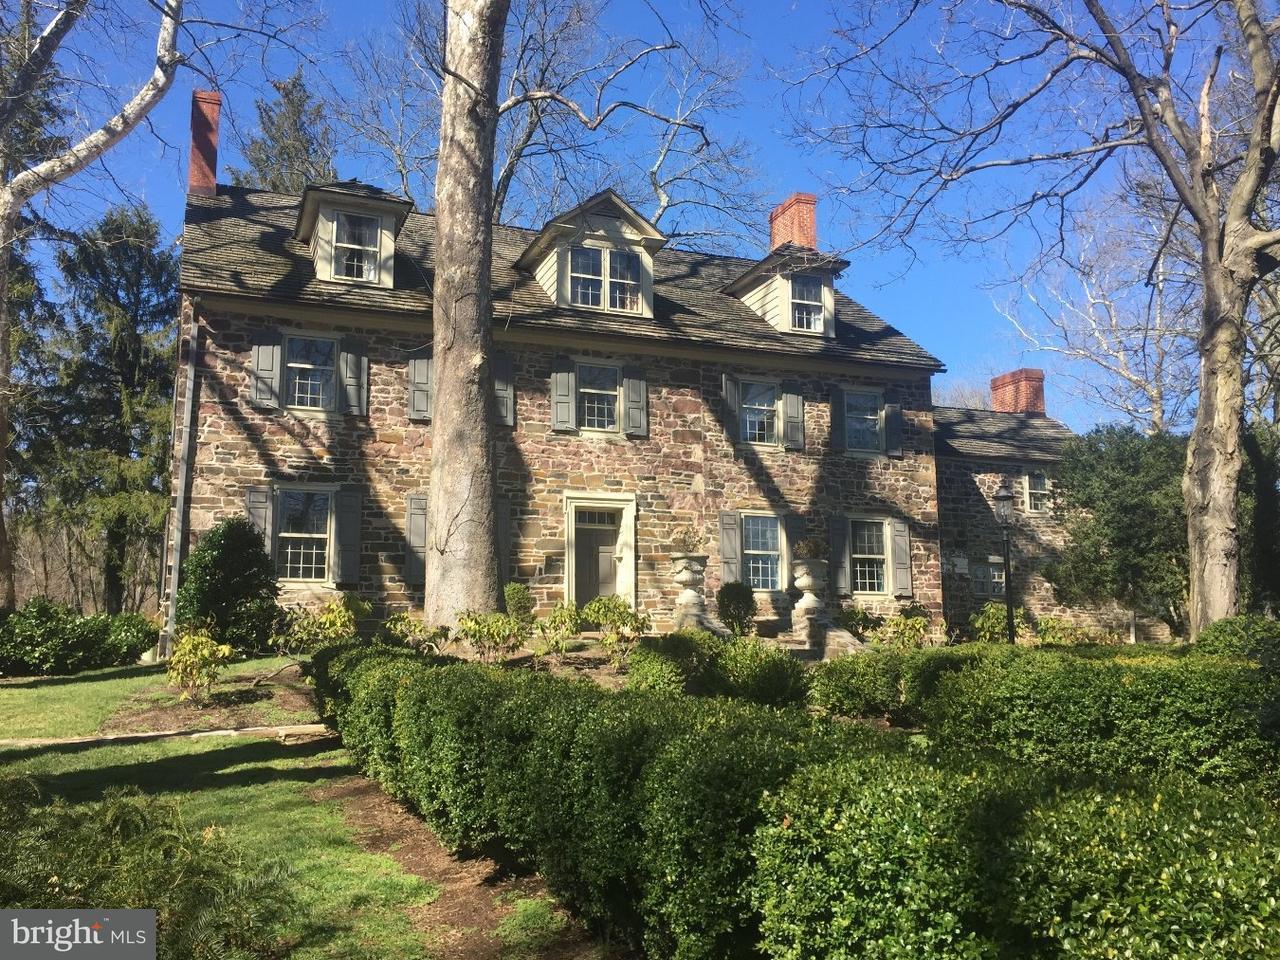 Maison unifamiliale pour l Vente à 1221-A MEETINGHOUSE Road Gwynedd, Pennsylvanie 19436 États-Unis